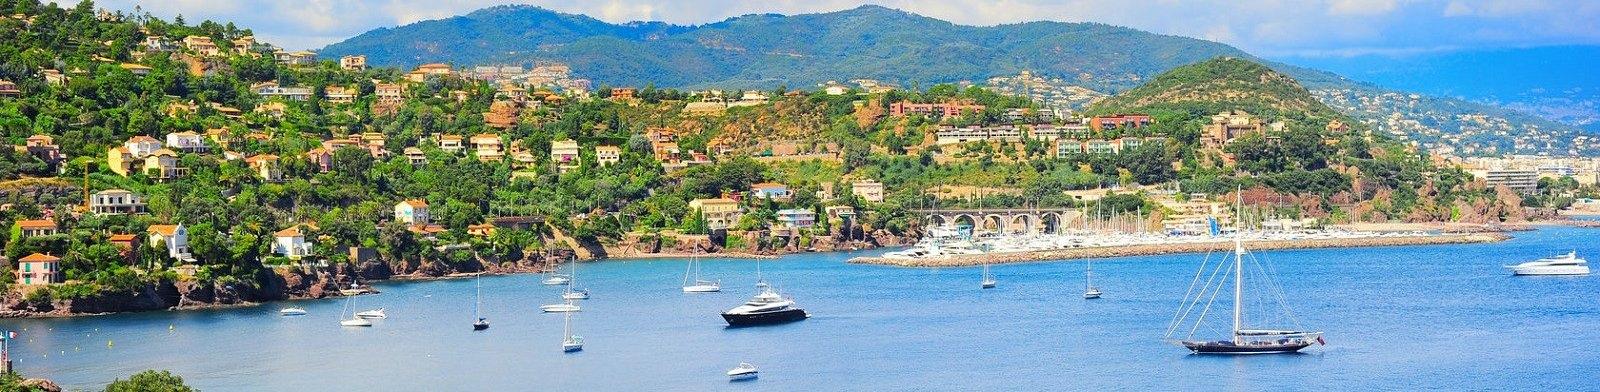 Cote d'Azur coastline